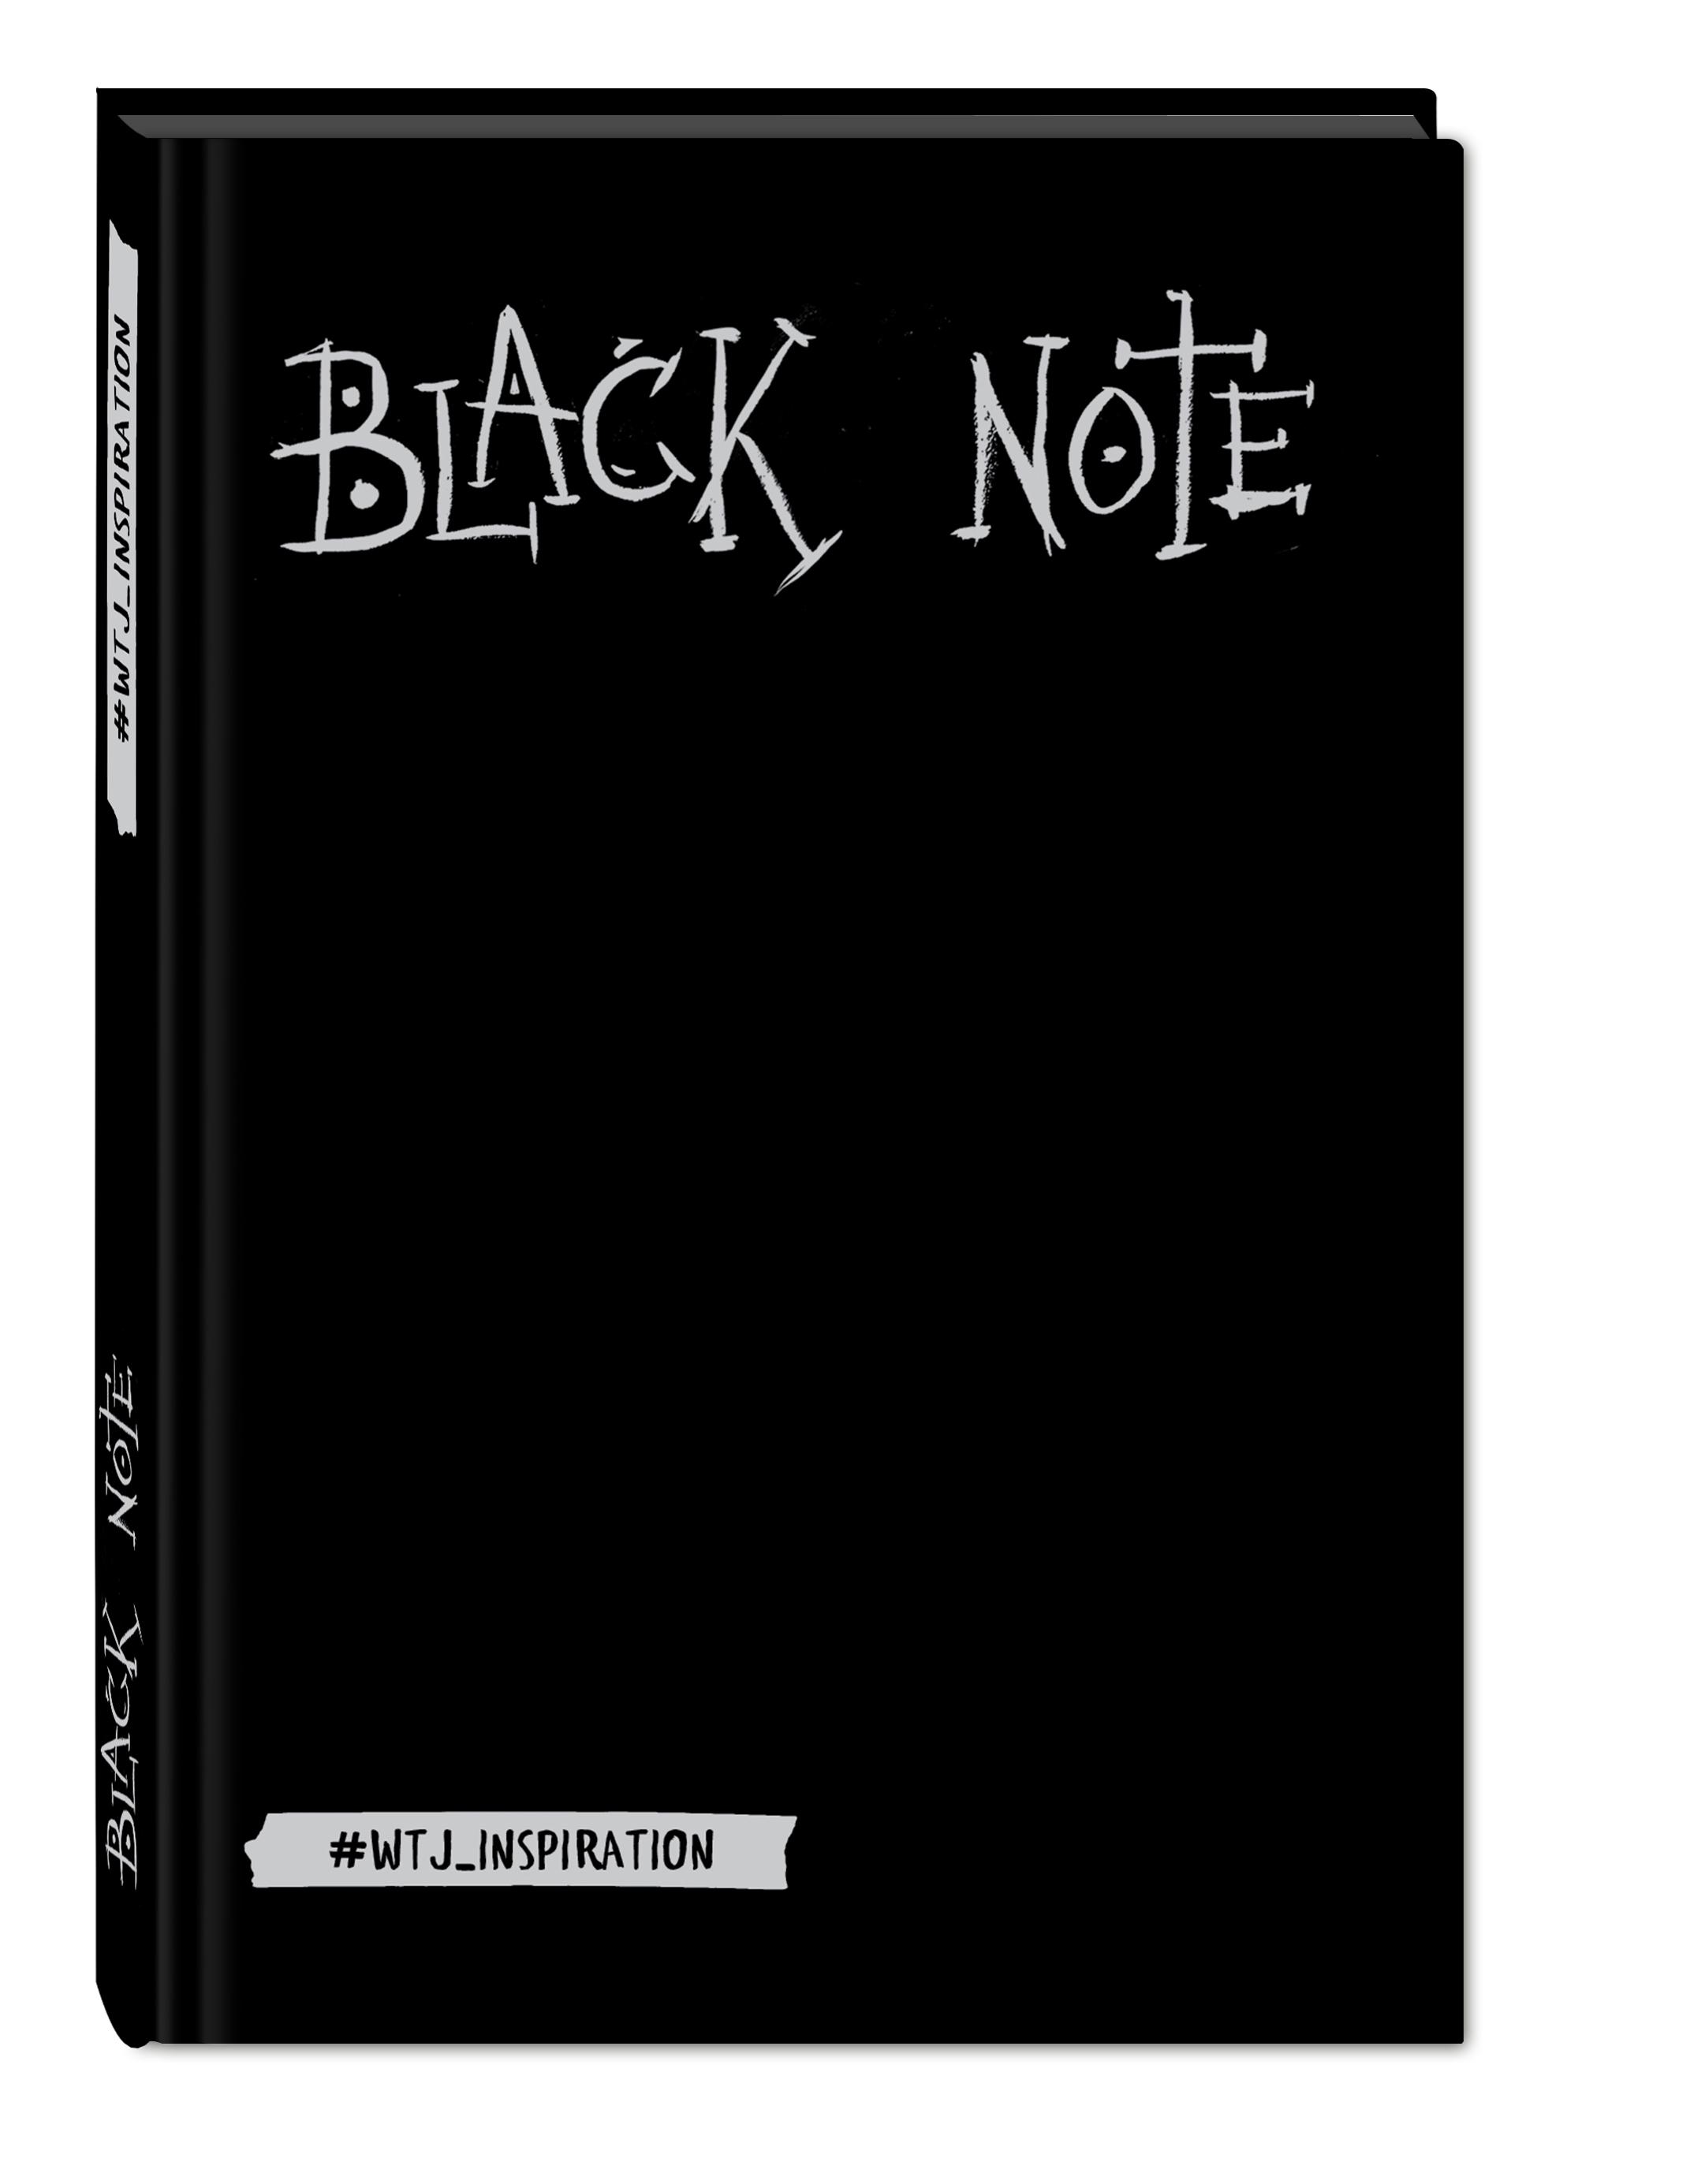 Комплект. Black Note. Креативный блокнот с черными страницами (твердый переплет) + Комплект из 2-х белых ручек и белого карандаша WTJ_INSPIRATION black note